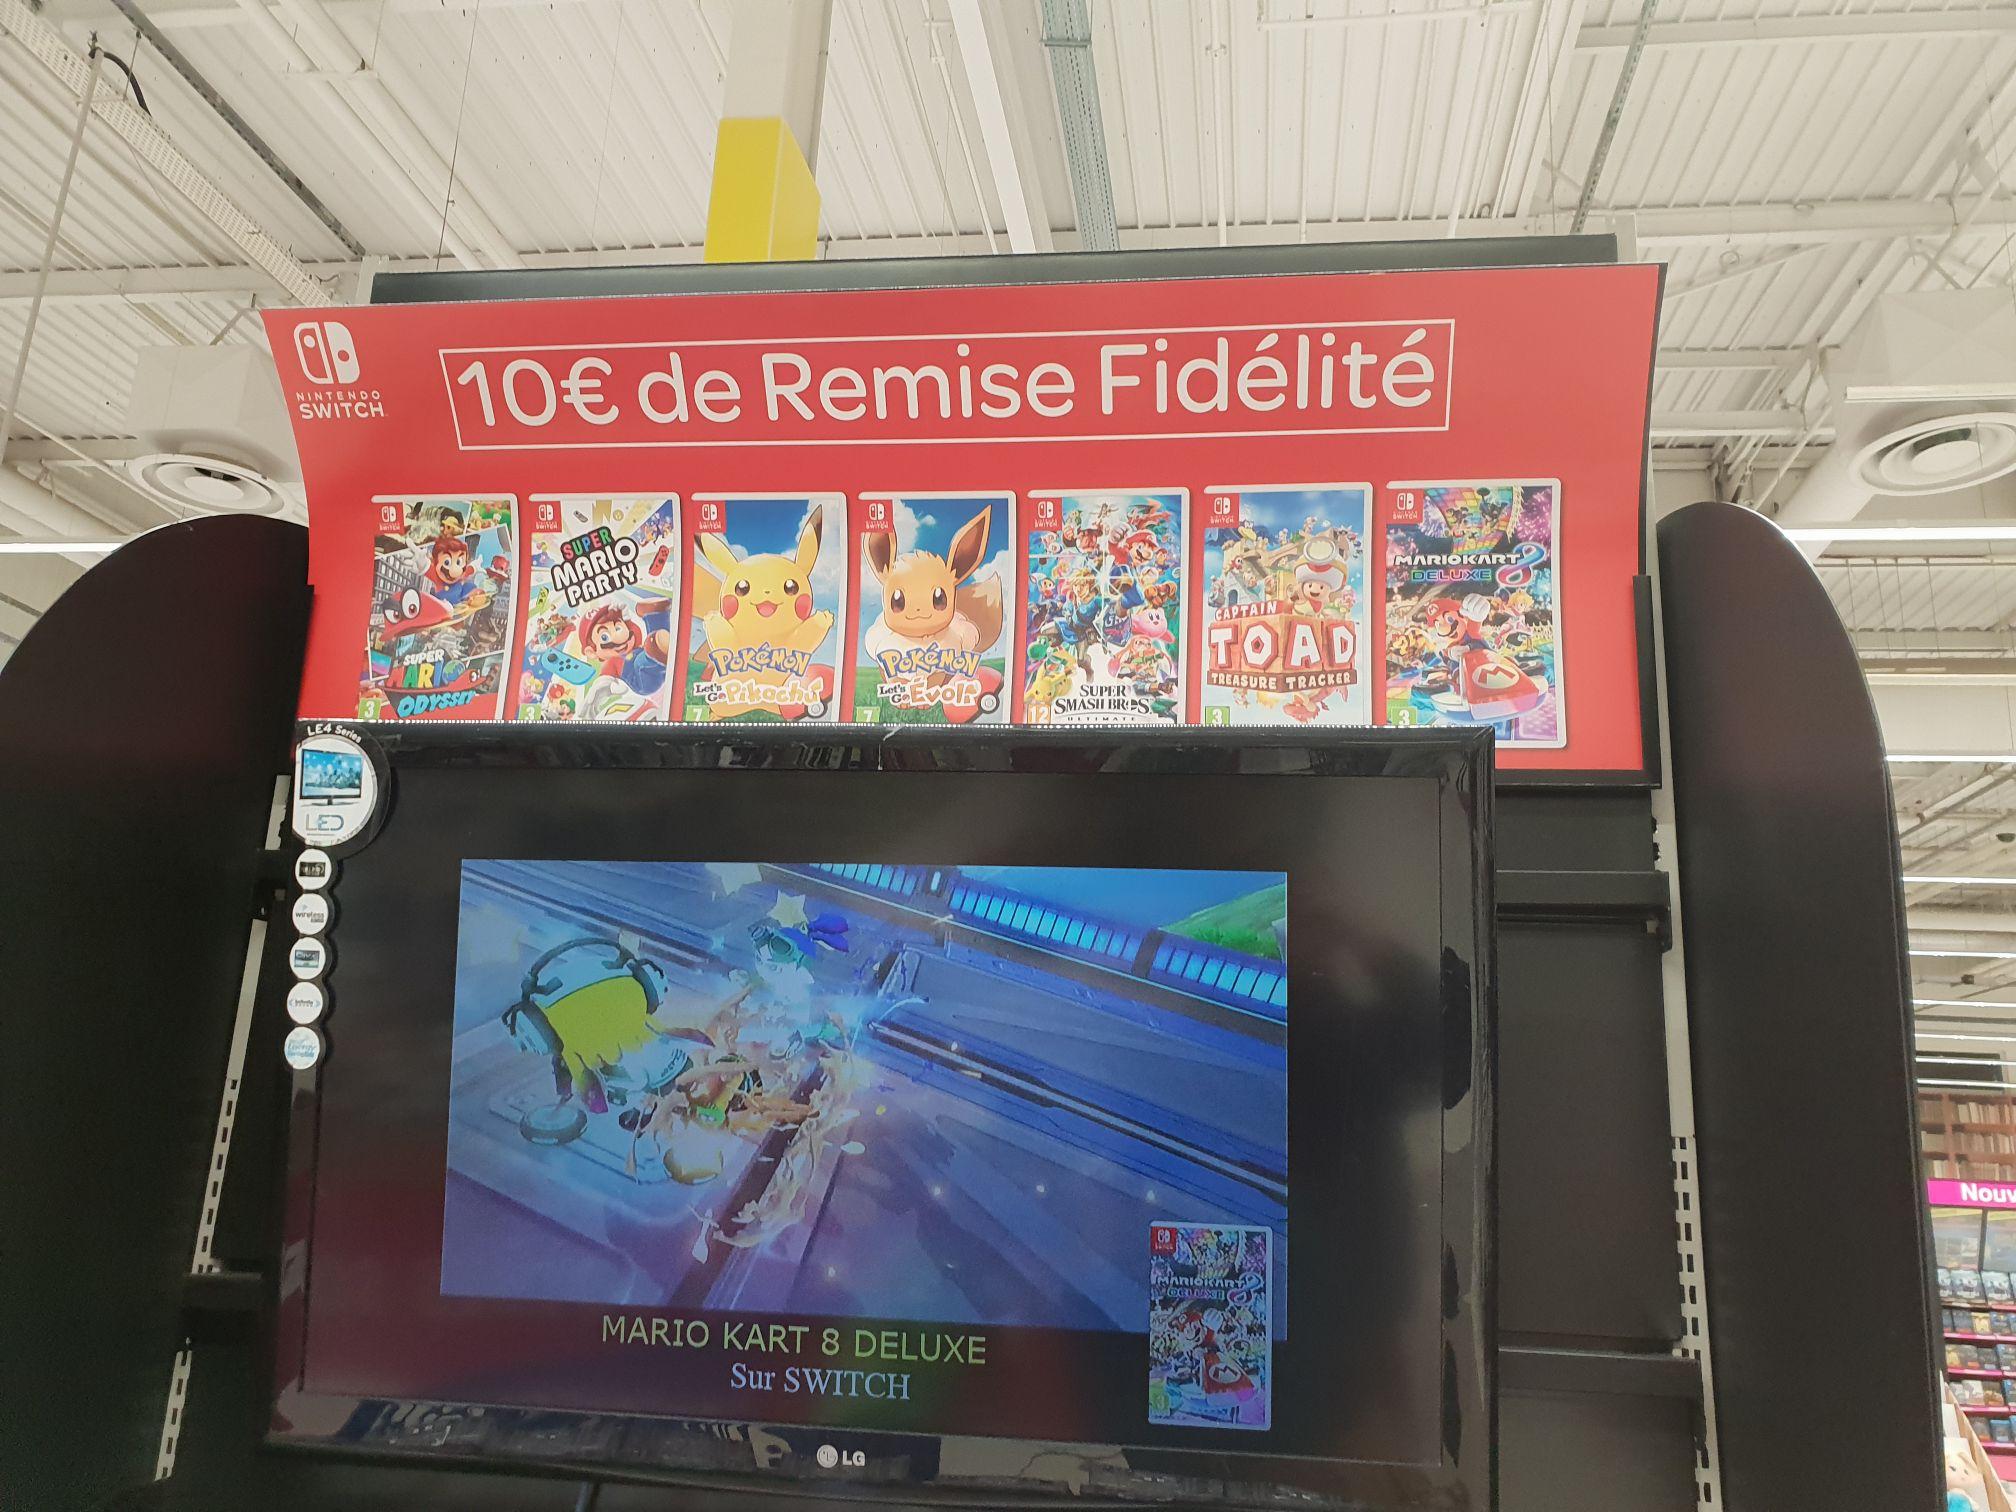 10€ crédités sur la carte de fidélité sur une sélection de jeux Switch - Ex: Super Smash Bros Ultimate (via 10€ en fidélité) - Toulouse (31)